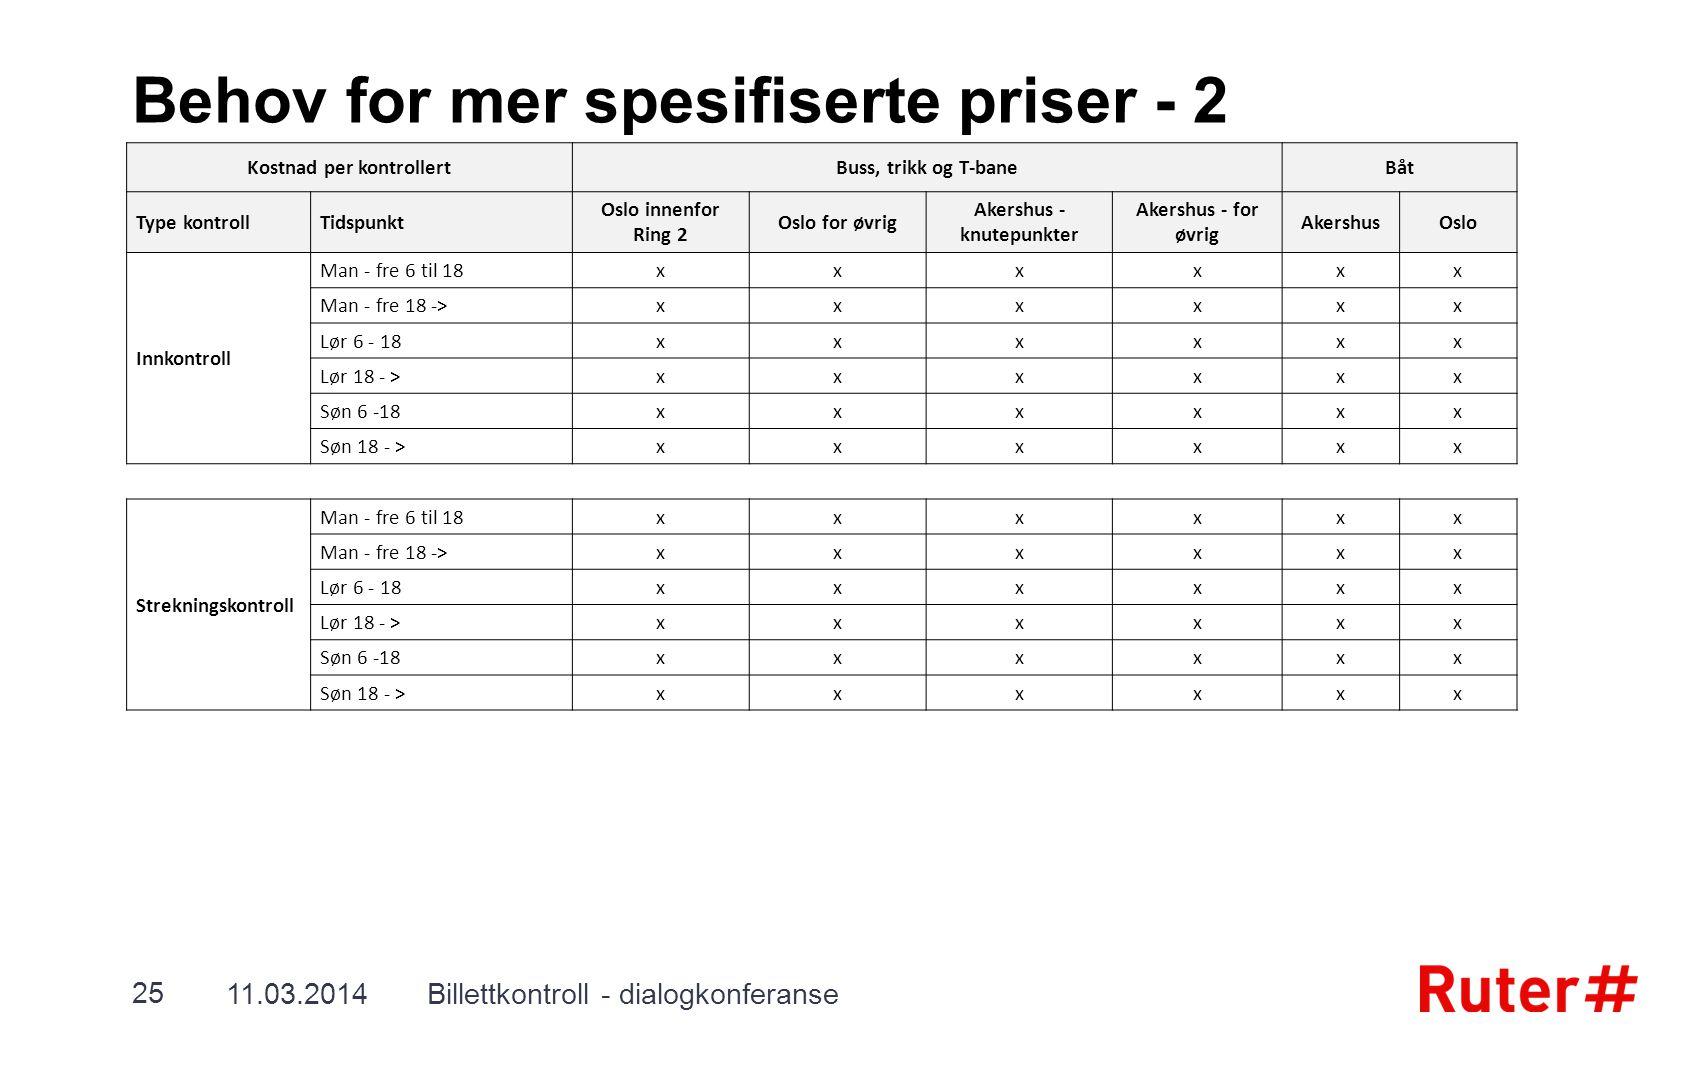 Behov for mer spesifiserte priser - 2 11.03.2014Billettkontroll - dialogkonferanse 25 Kostnad per kontrollertBuss, trikk og T-baneBåt Type kontrollTid